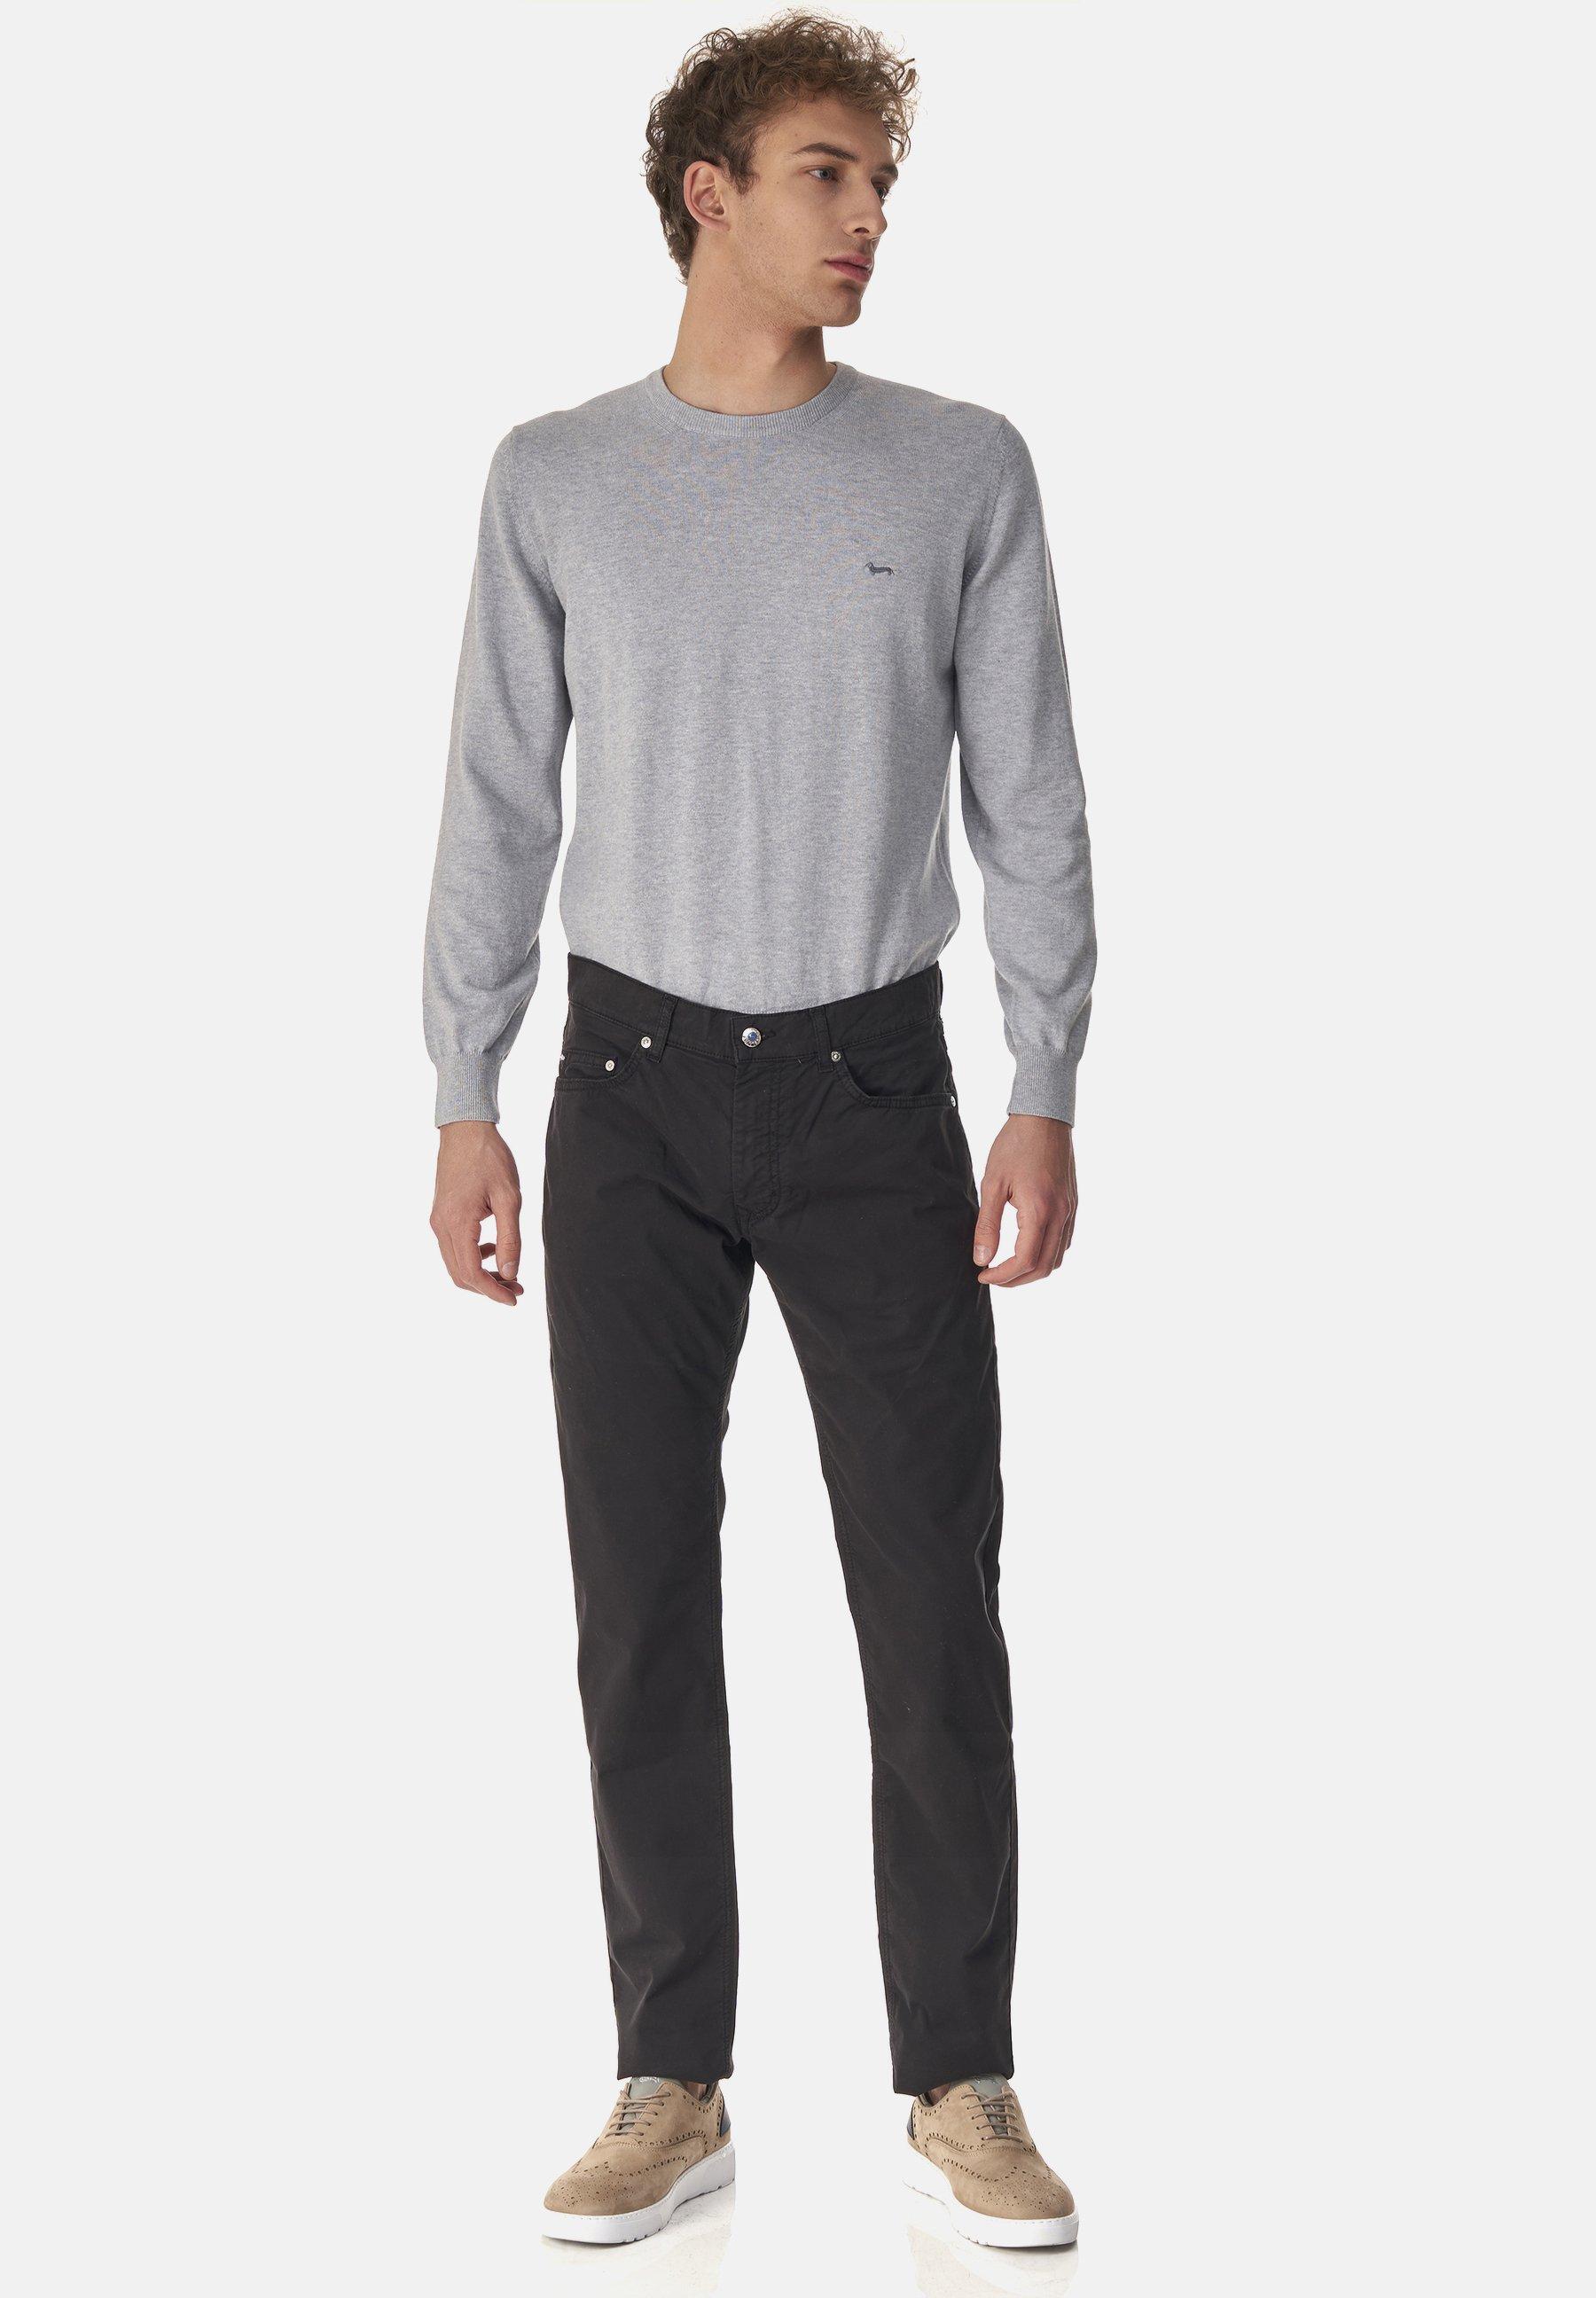 Uomo PANTALONE 5 TASCHE IN COTONE - Pantaloni